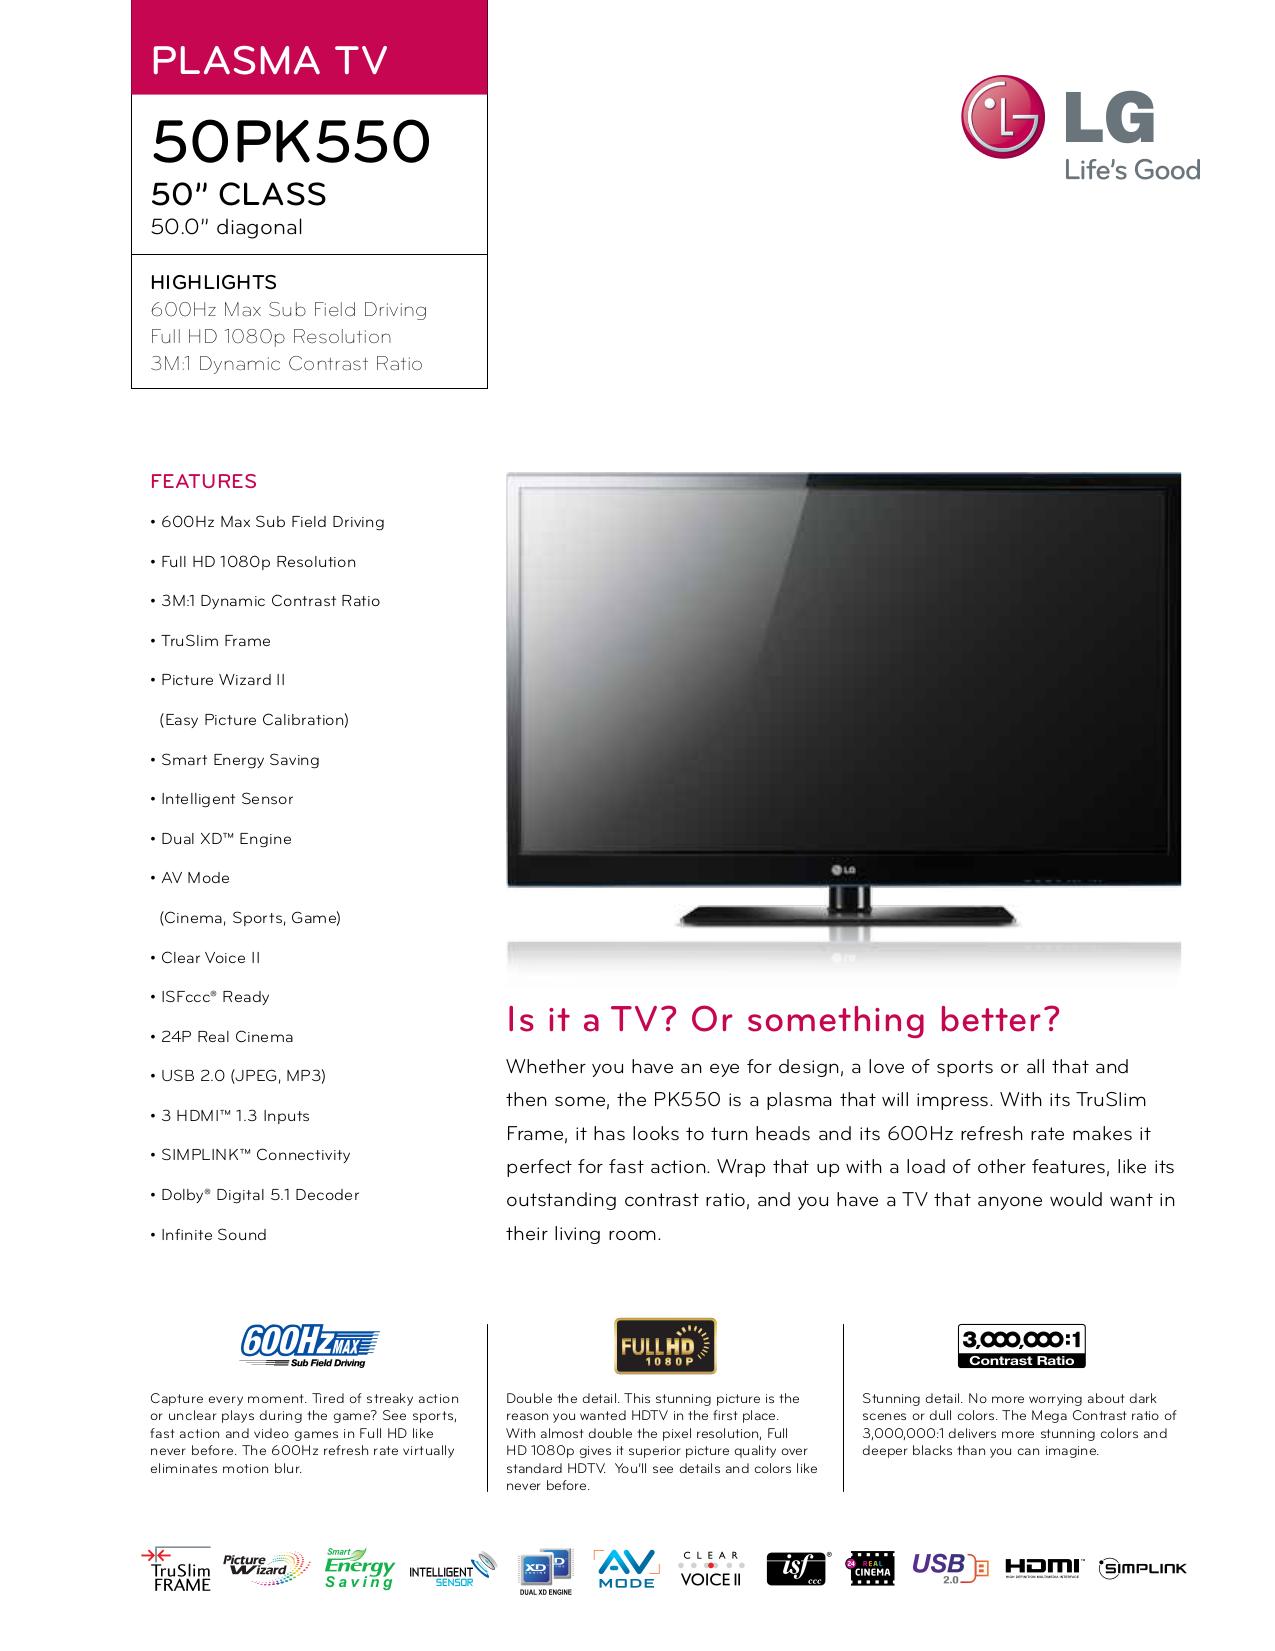 pdf for LG TV 50PK550 manual